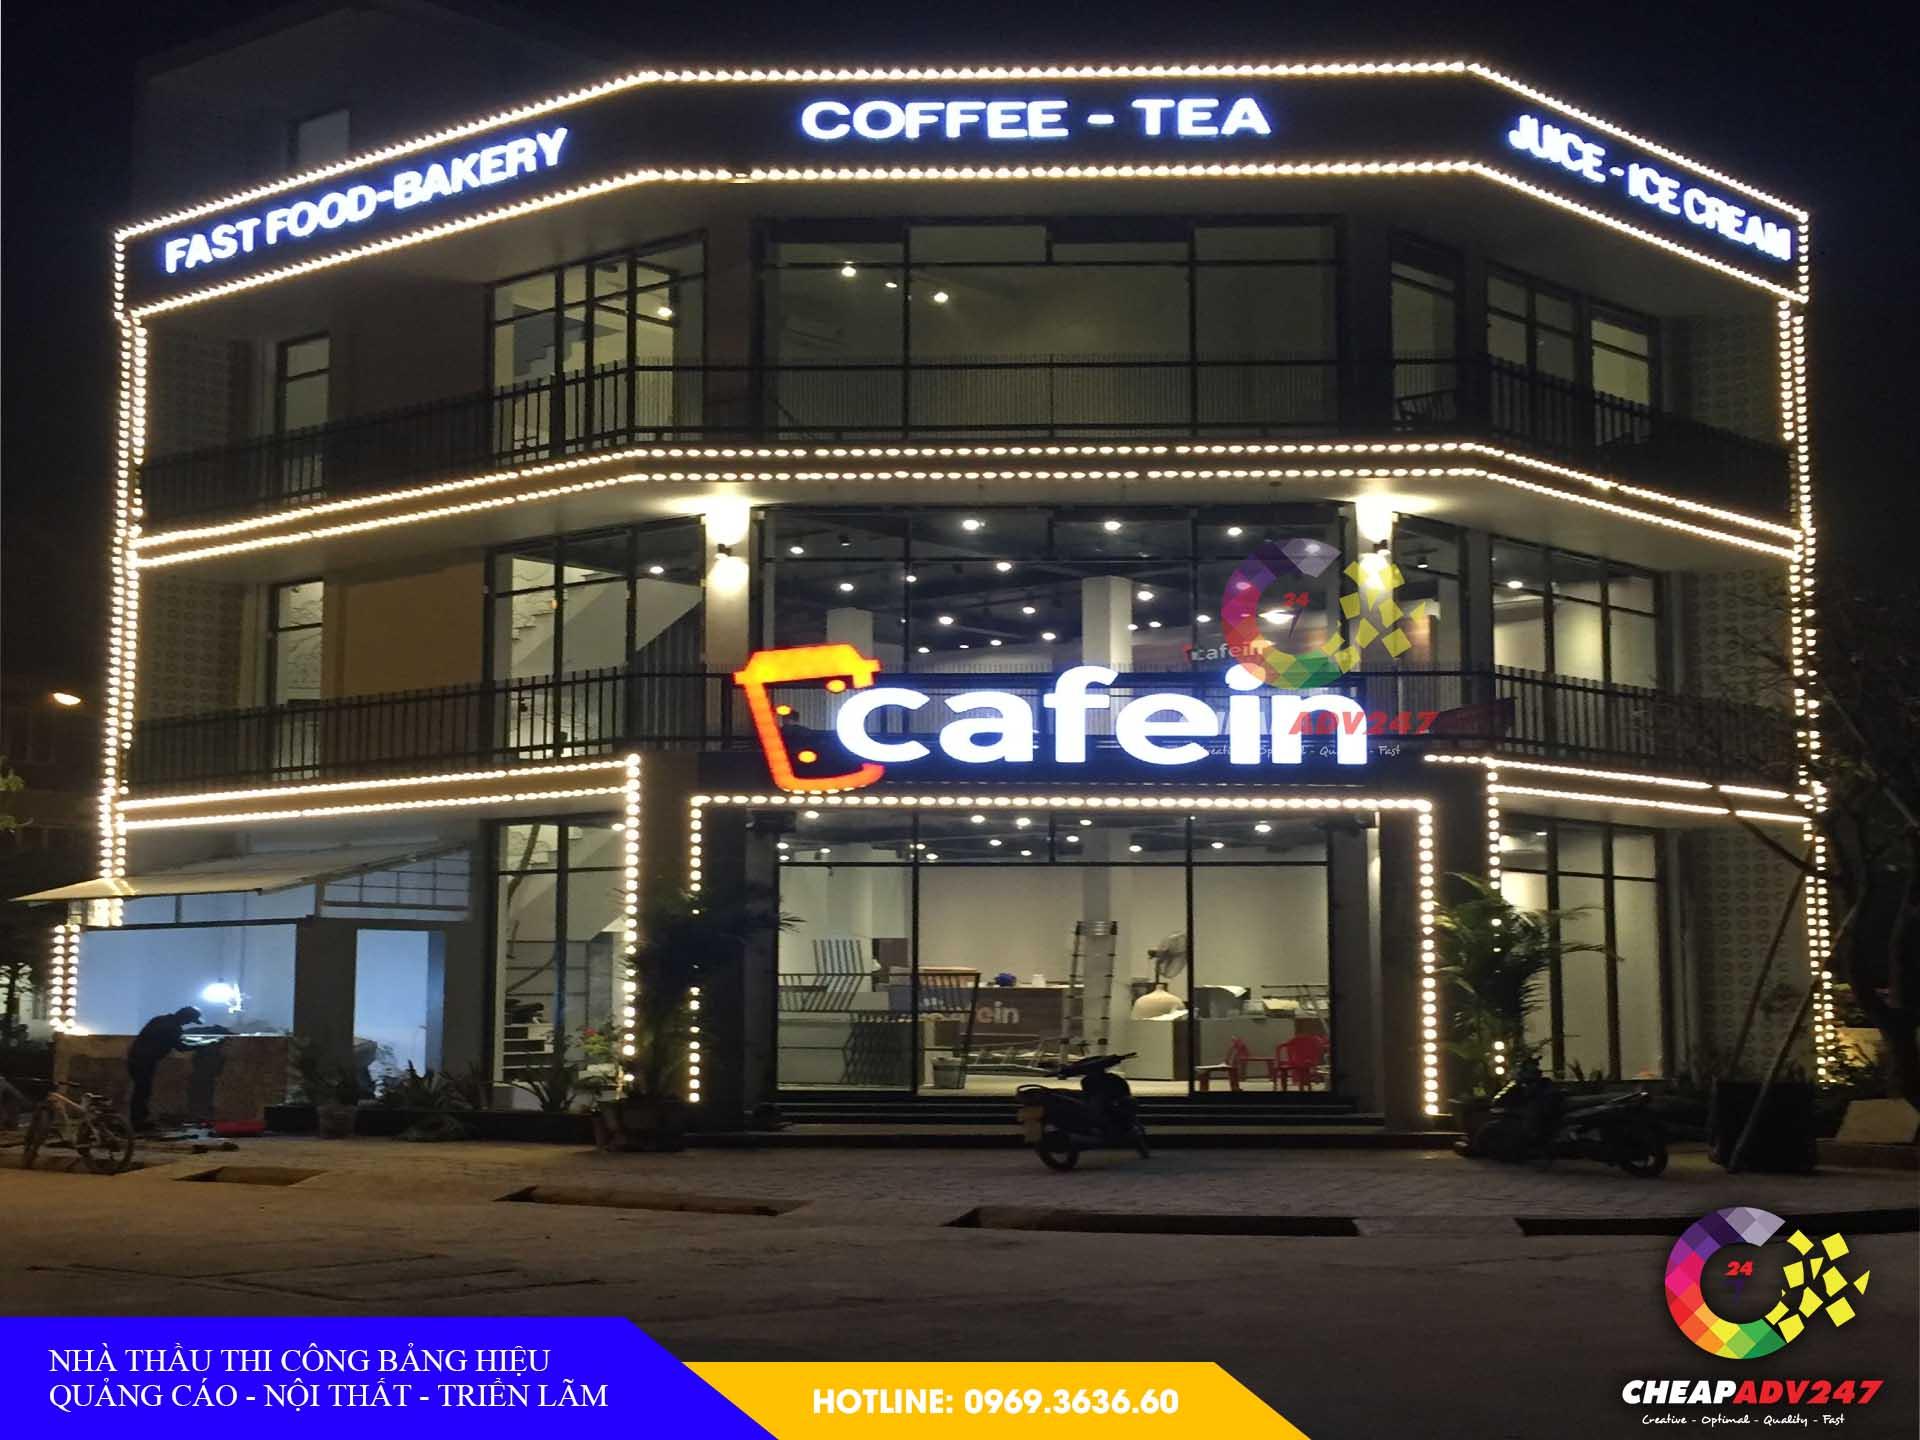 Mẫu biển hiệu quán cà phê tại cheapadv247 - ảnh 2